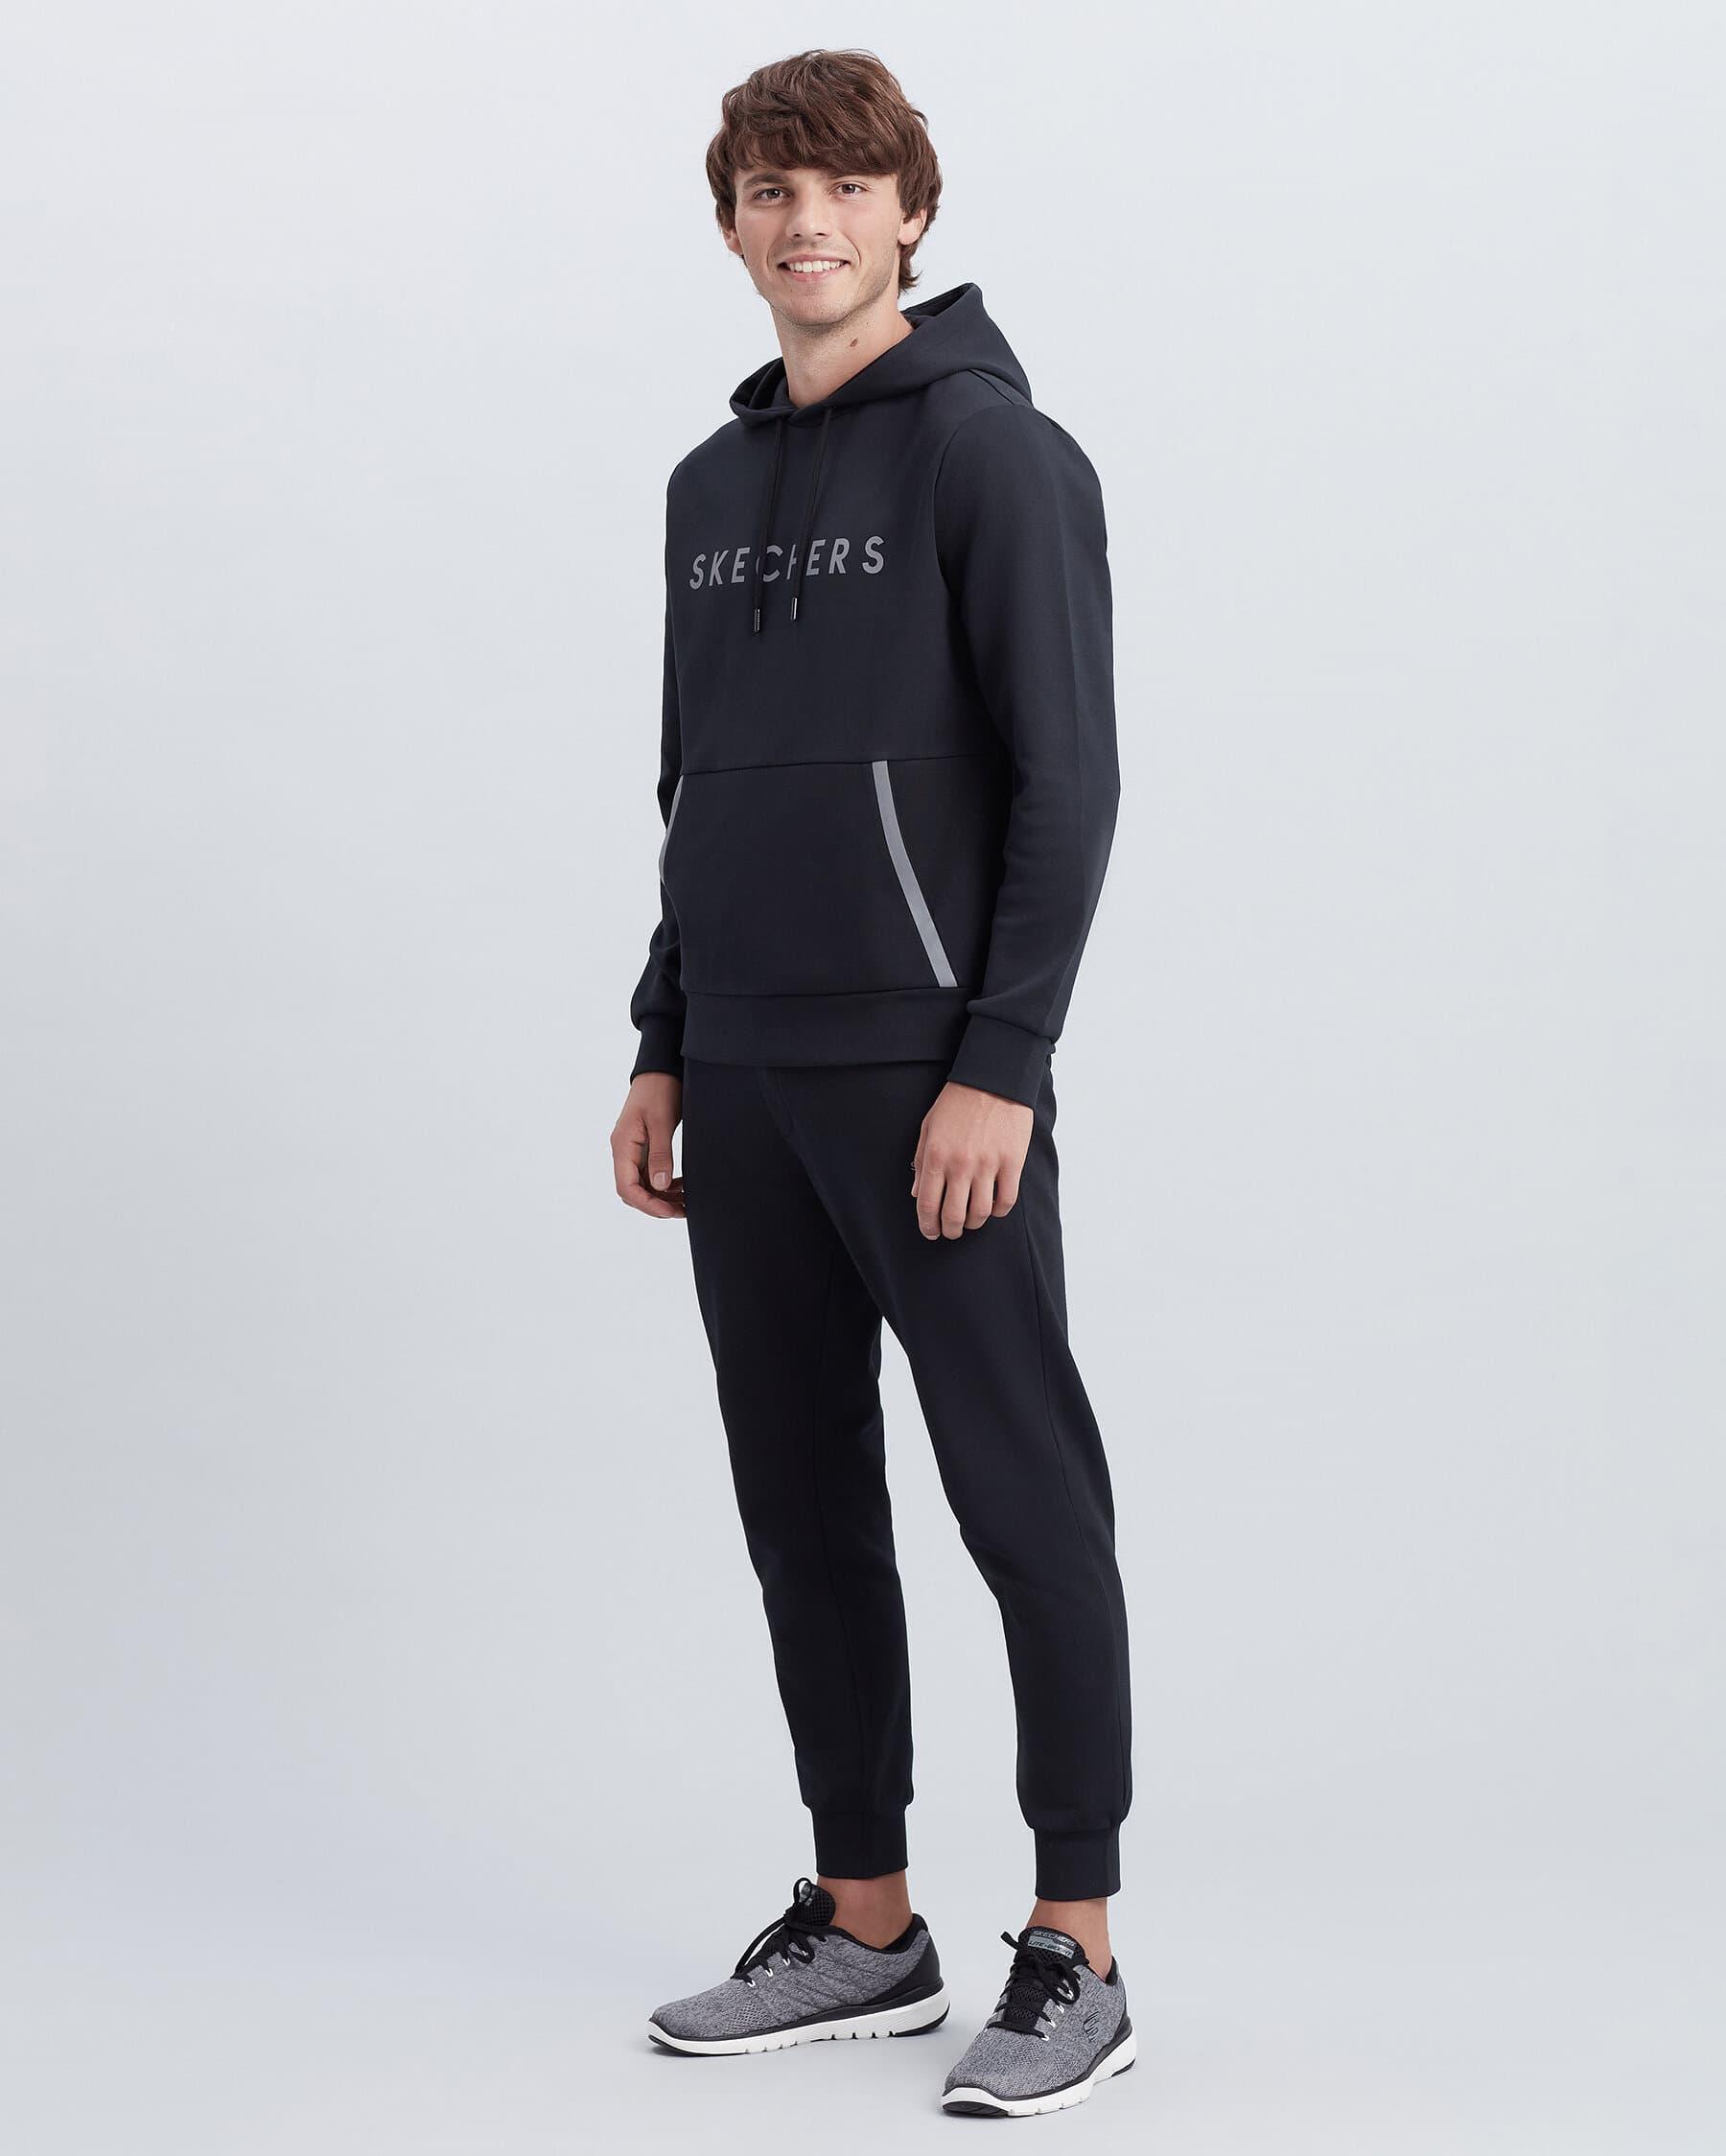 Flexi Erkek Siyah Kapüşonlu Sweatshirt (S212254-001)